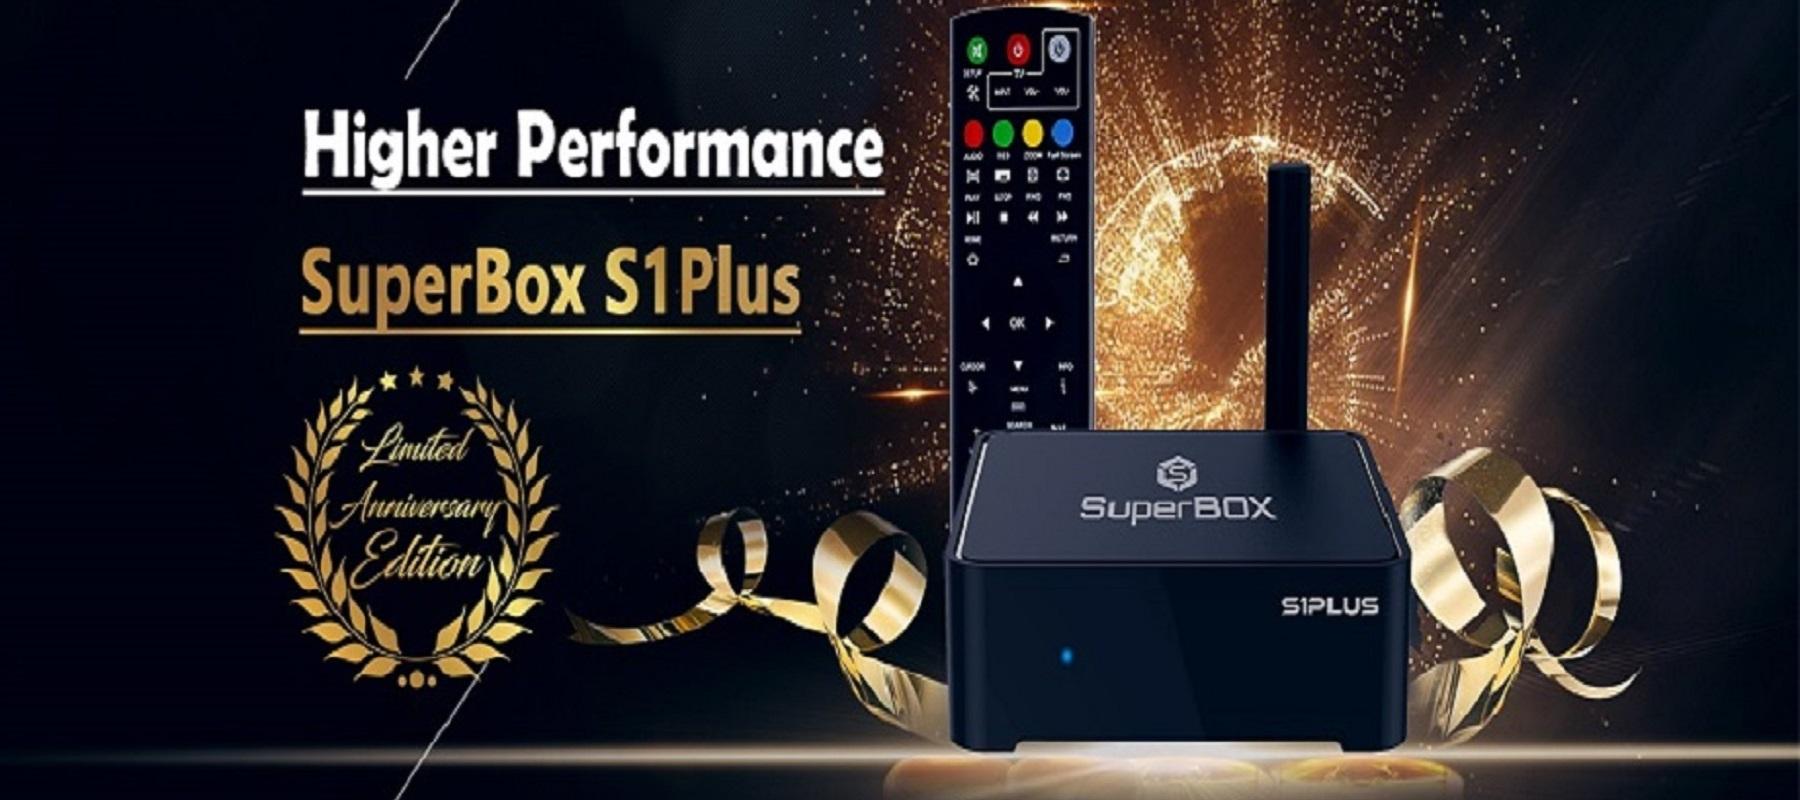 superboxs1plus